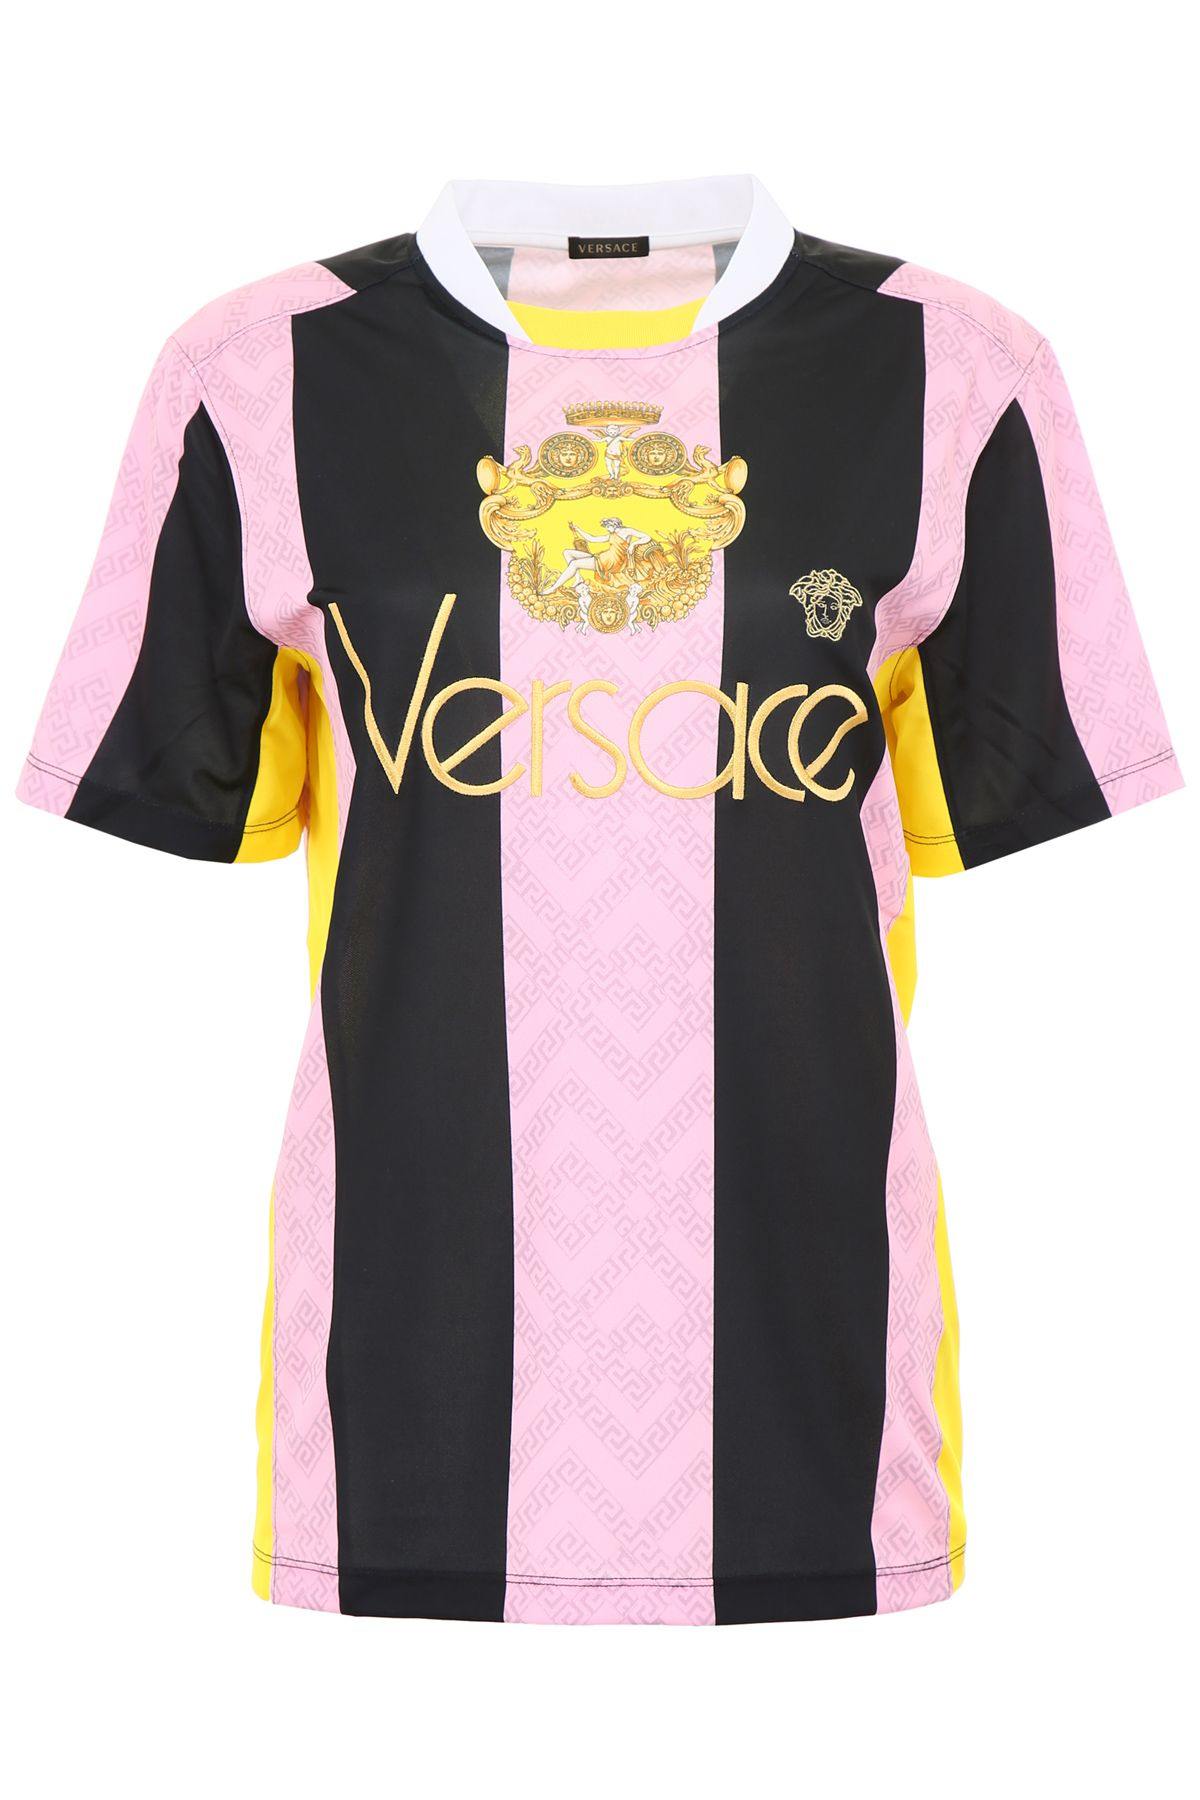 VERSACE FOOTBALL T-SHIRT